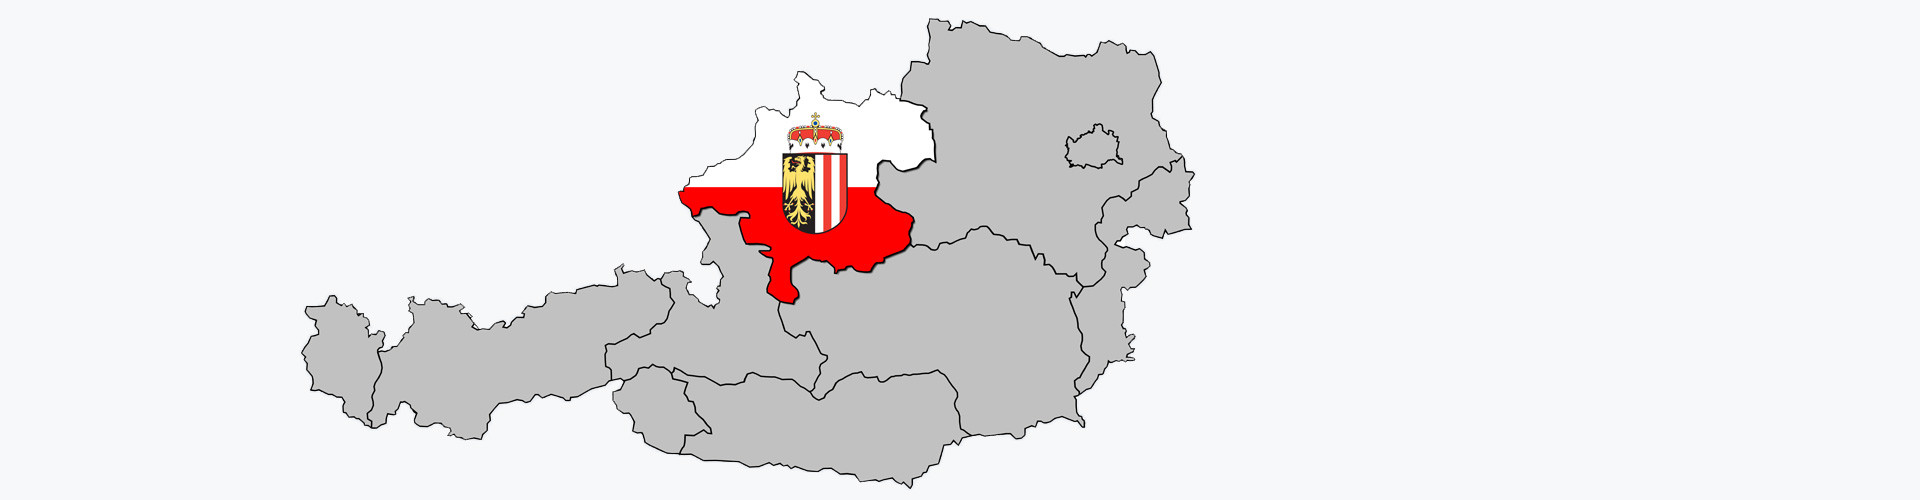 Karte Oberösterreich © Sven Knie , stock.adobe.com